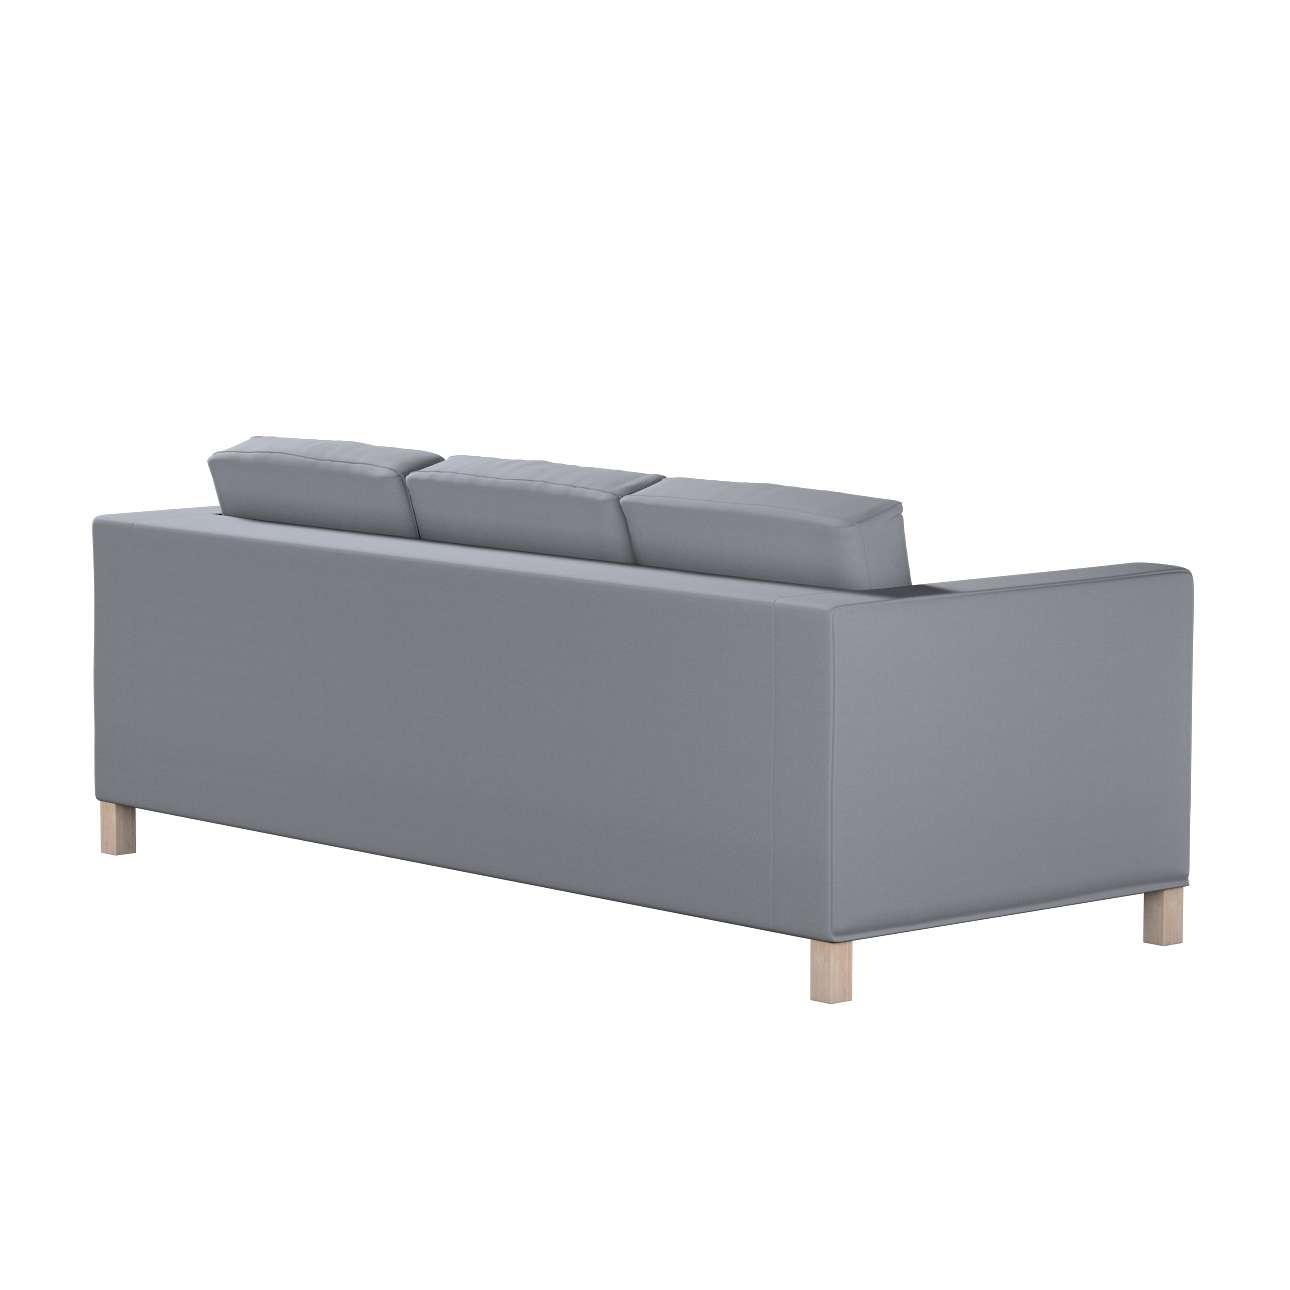 Potah na pohovku IKEA  Karlanda 3-místná nerozkládací, krátký v kolekci Cotton Panama, látka: 702-07